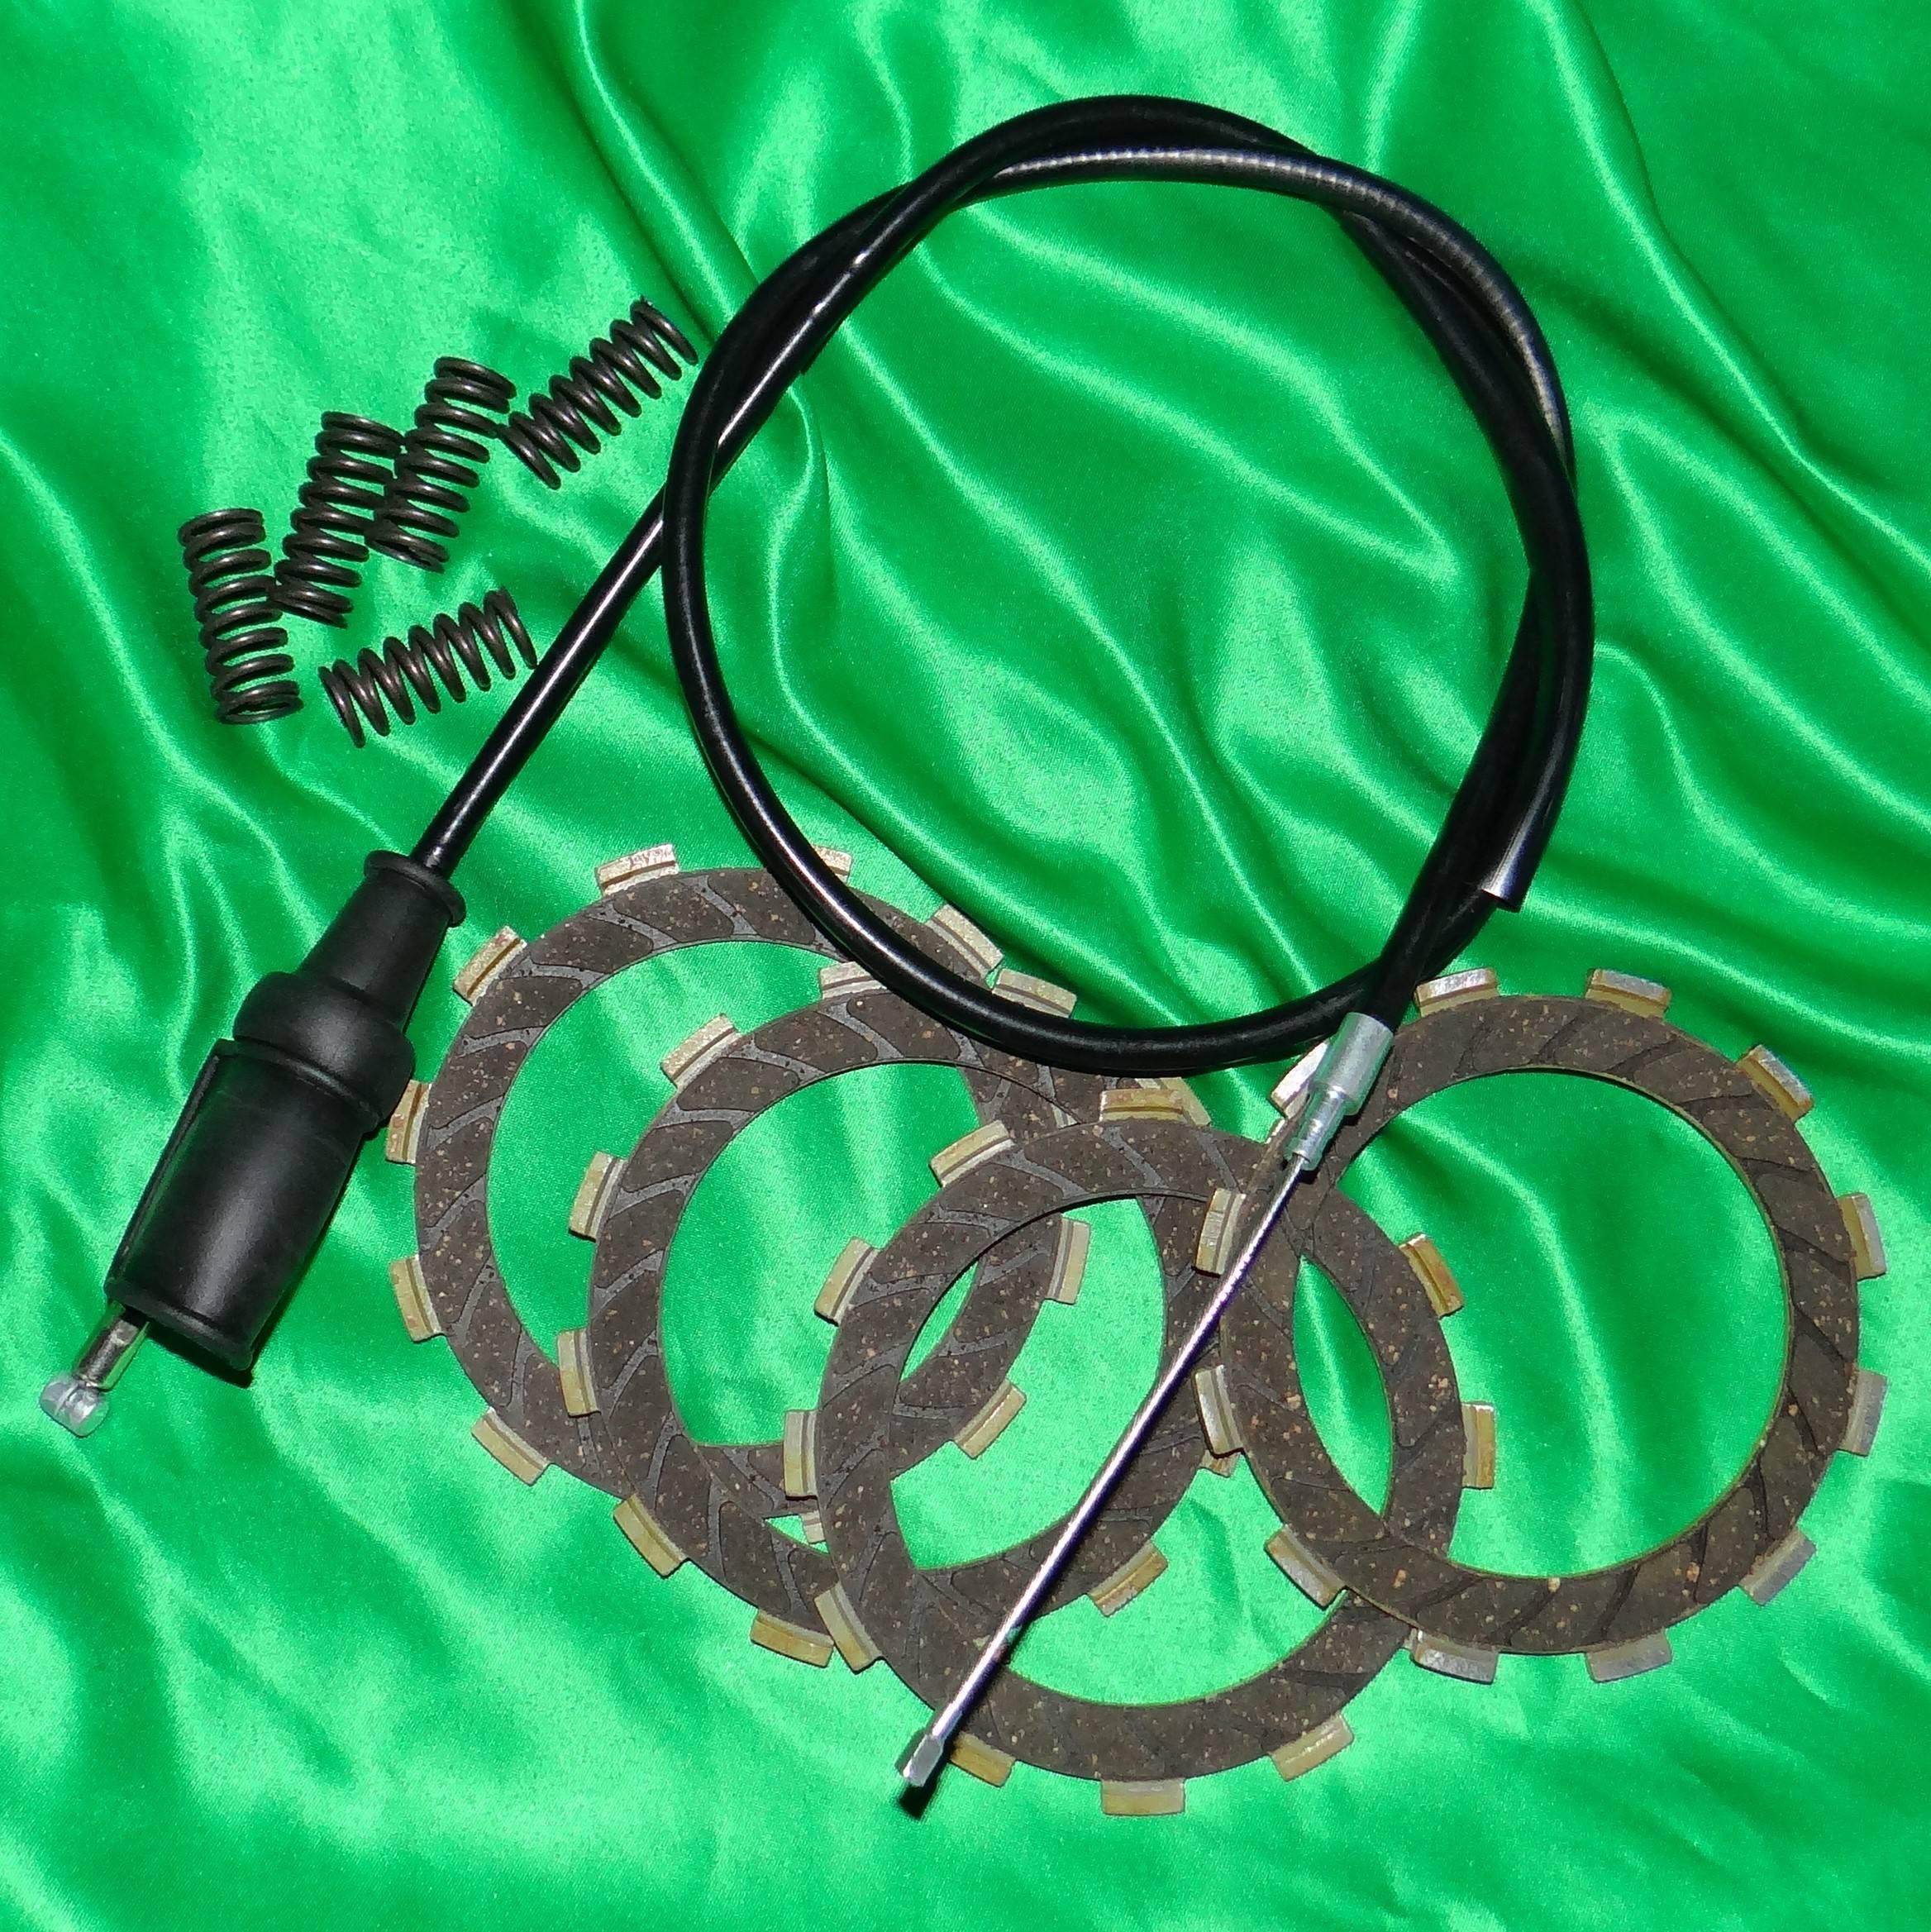 Disque d'embrayage, ressort, cable d'embrayage,... pour GAS GAS 2 temps